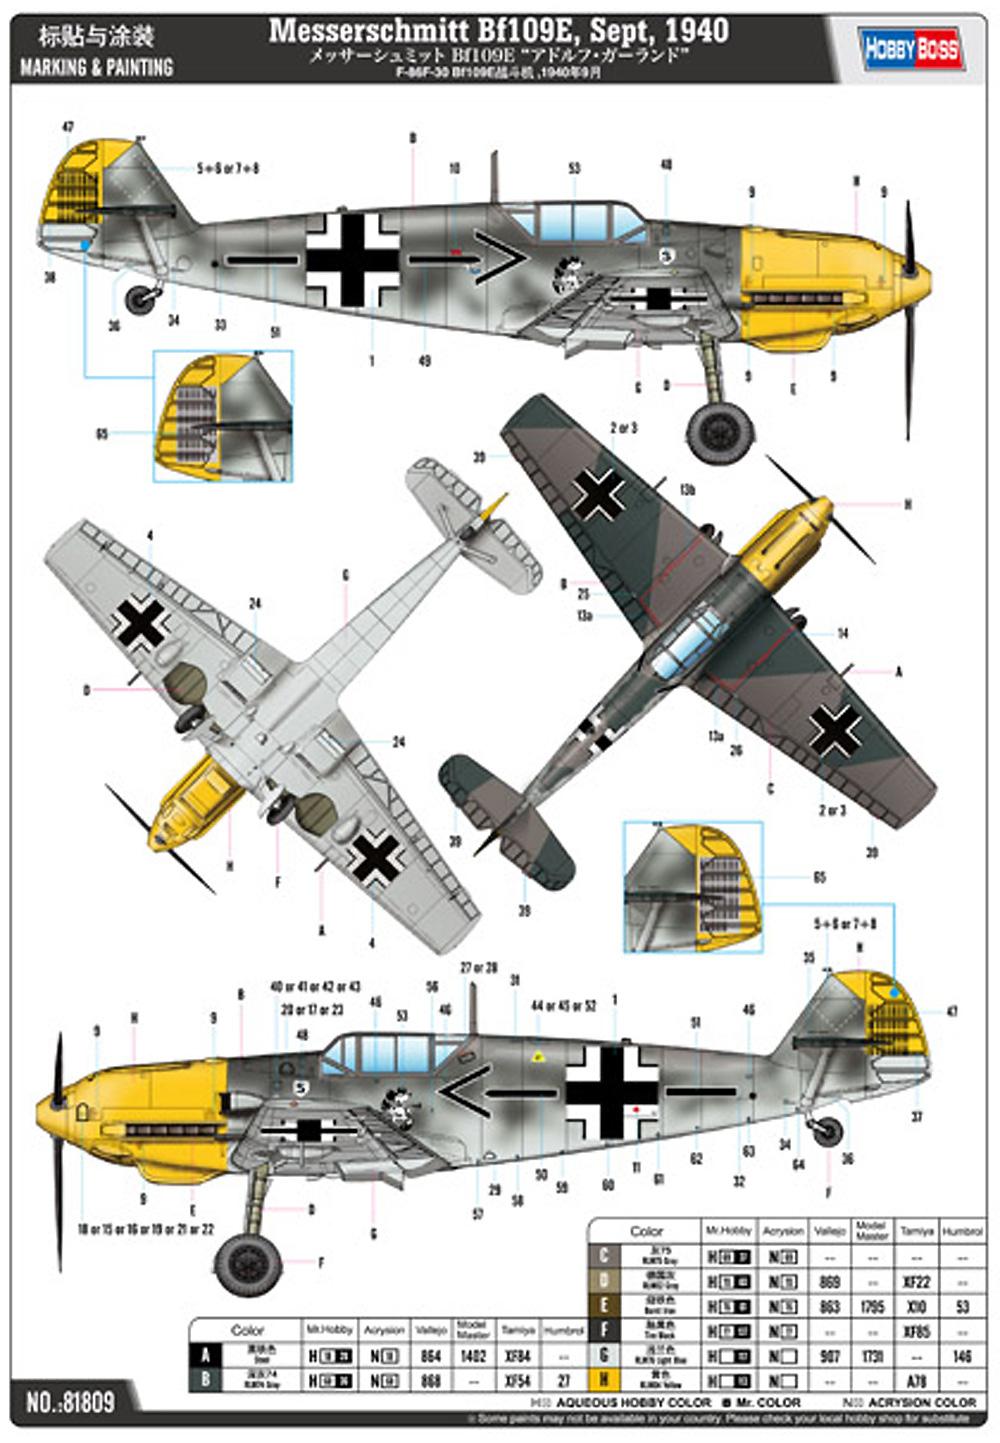 メッサーシュミット Bf109E アドルフ・ガーランドプラモデル(ホビーボス1/18 エアクラフト シリーズNo.81809)商品画像_1